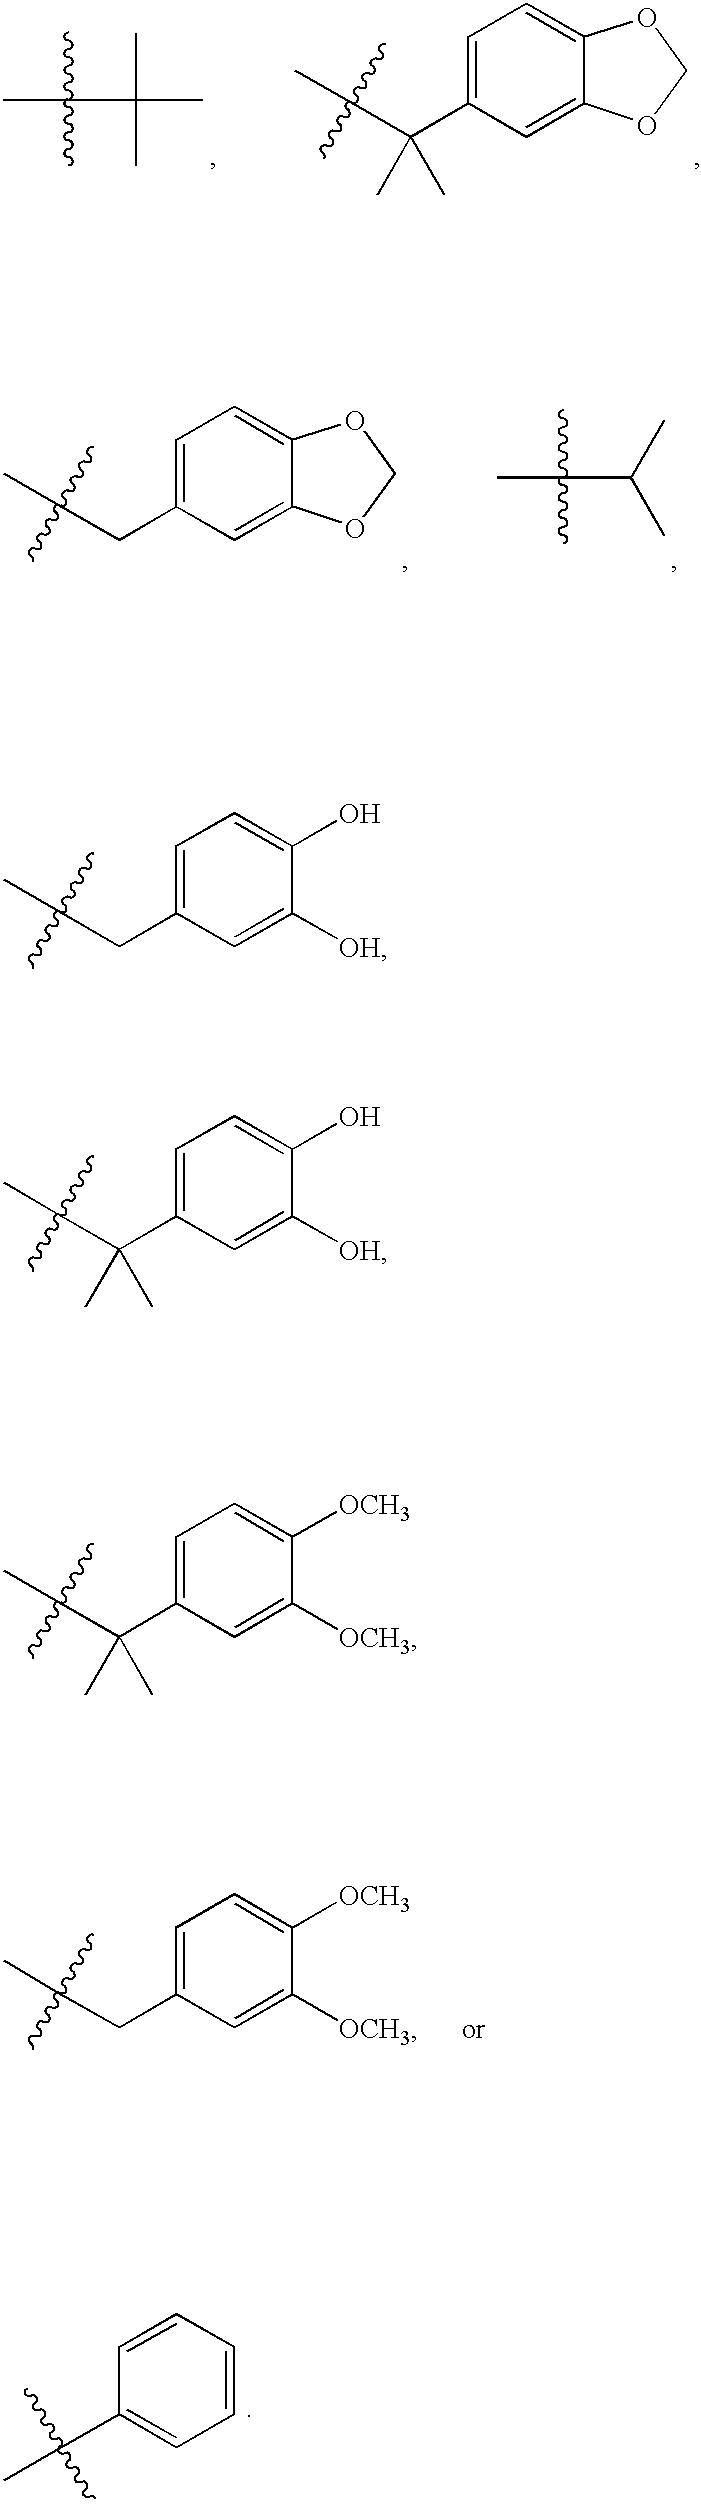 Figure US06569876-20030527-C00020